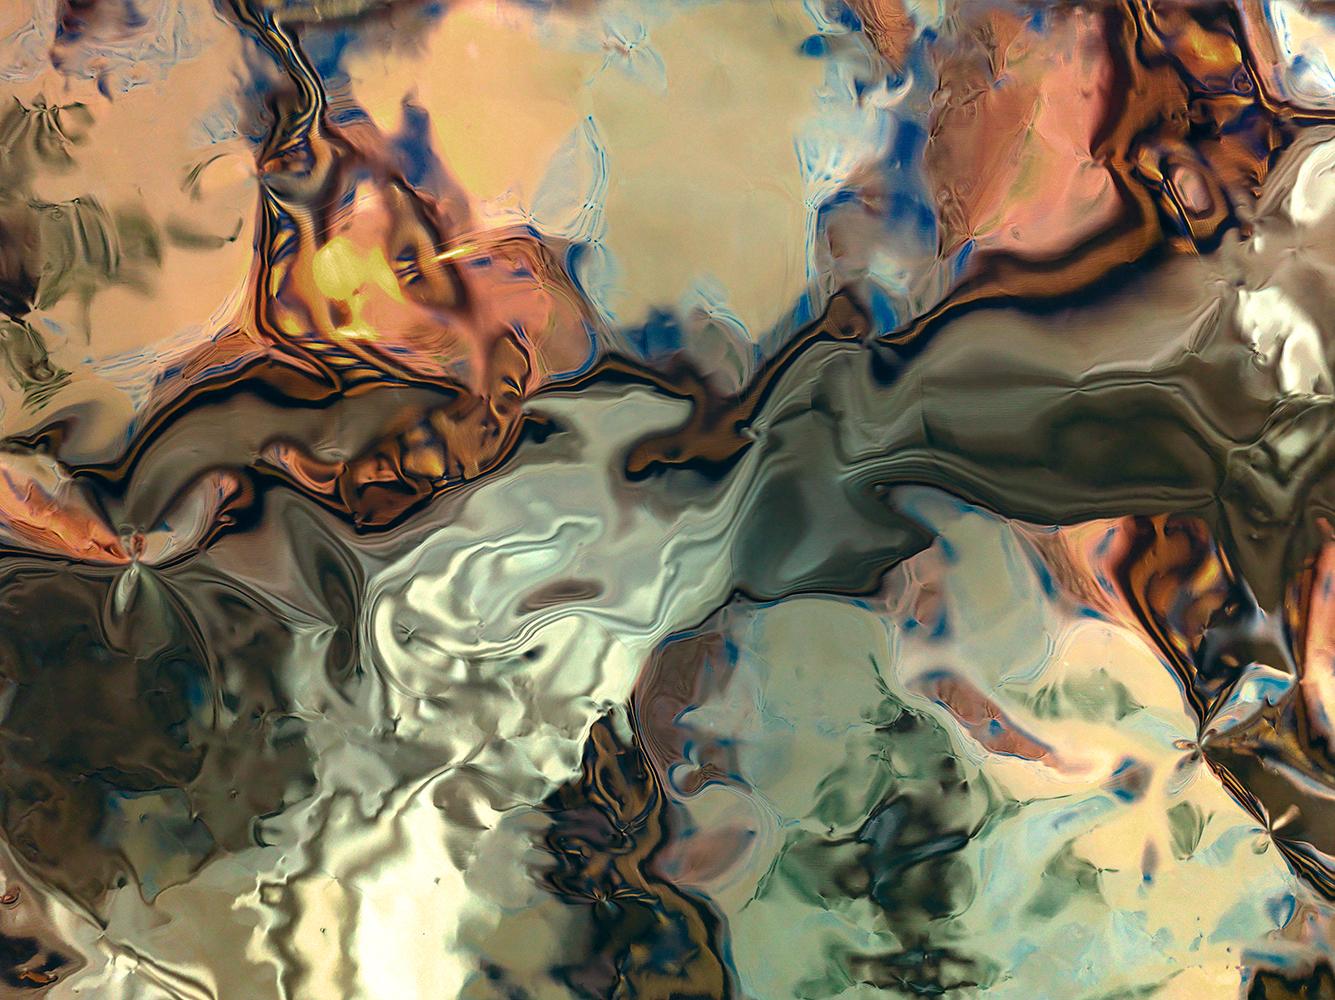 Elias Wessel  Hinter den Dingen 9 , 2017  Color Photograph  Original: 180 x 240.3 cm